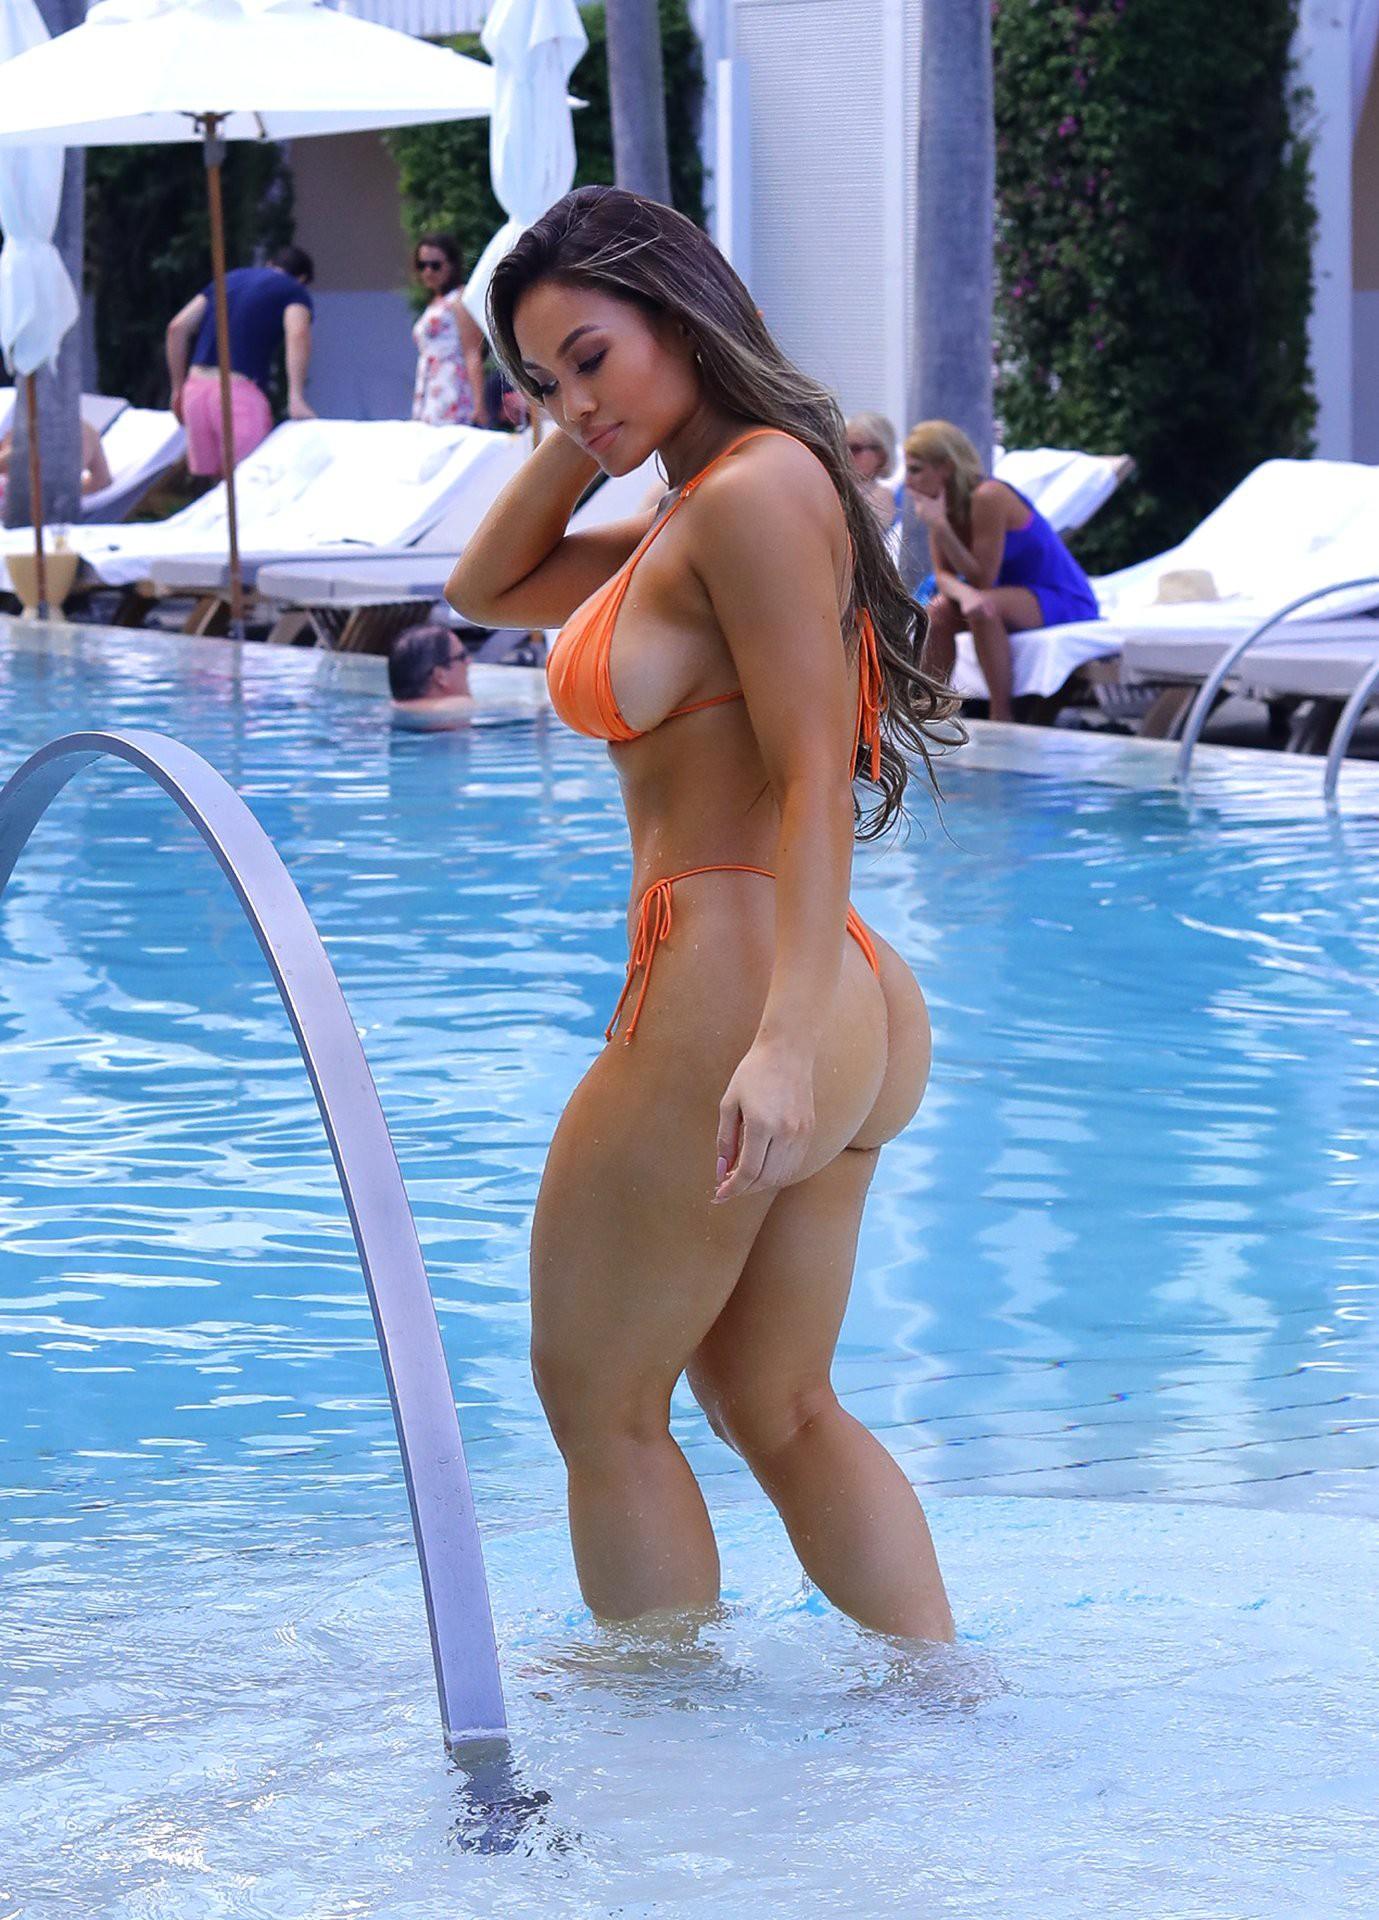 Tits daphne joy Sexy Daphne